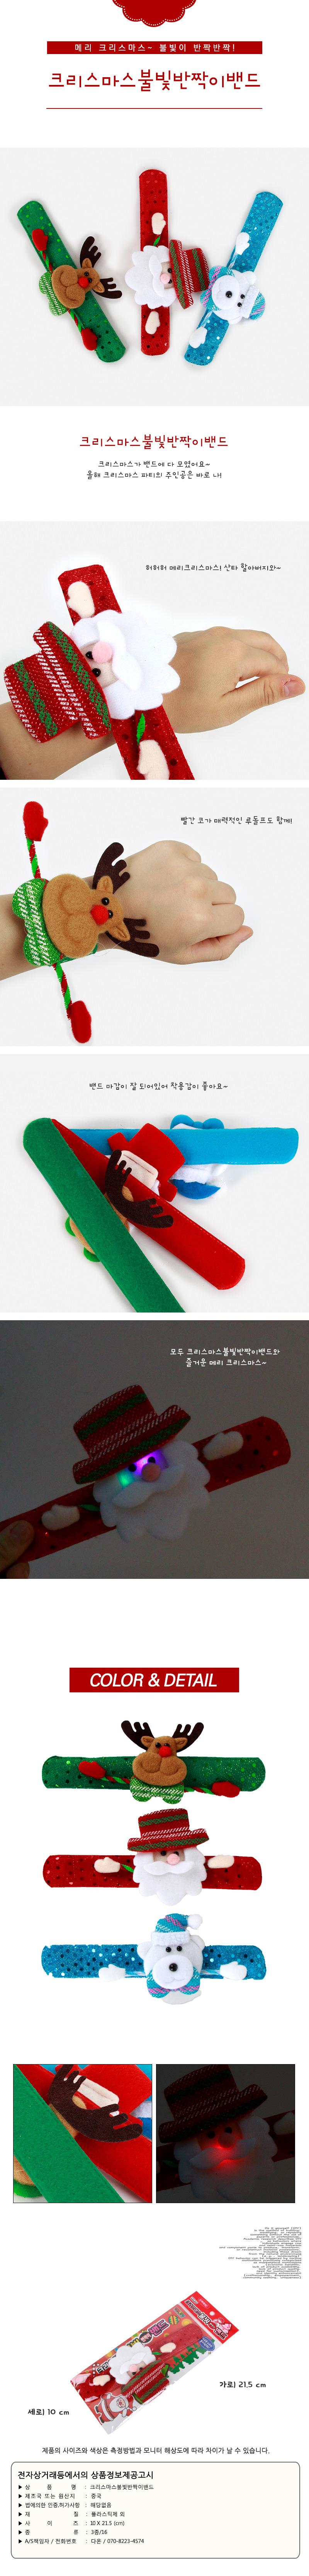 크리스마스불빛반짝이밴드 디자인랜덤1,800원-아토키덜트/취미, 핸드메이드/DIY, 퀼트/원단공예, 크리스마스용품 패키지바보사랑크리스마스불빛반짝이밴드 디자인랜덤1,800원-아토키덜트/취미, 핸드메이드/DIY, 퀼트/원단공예, 크리스마스용품 패키지바보사랑